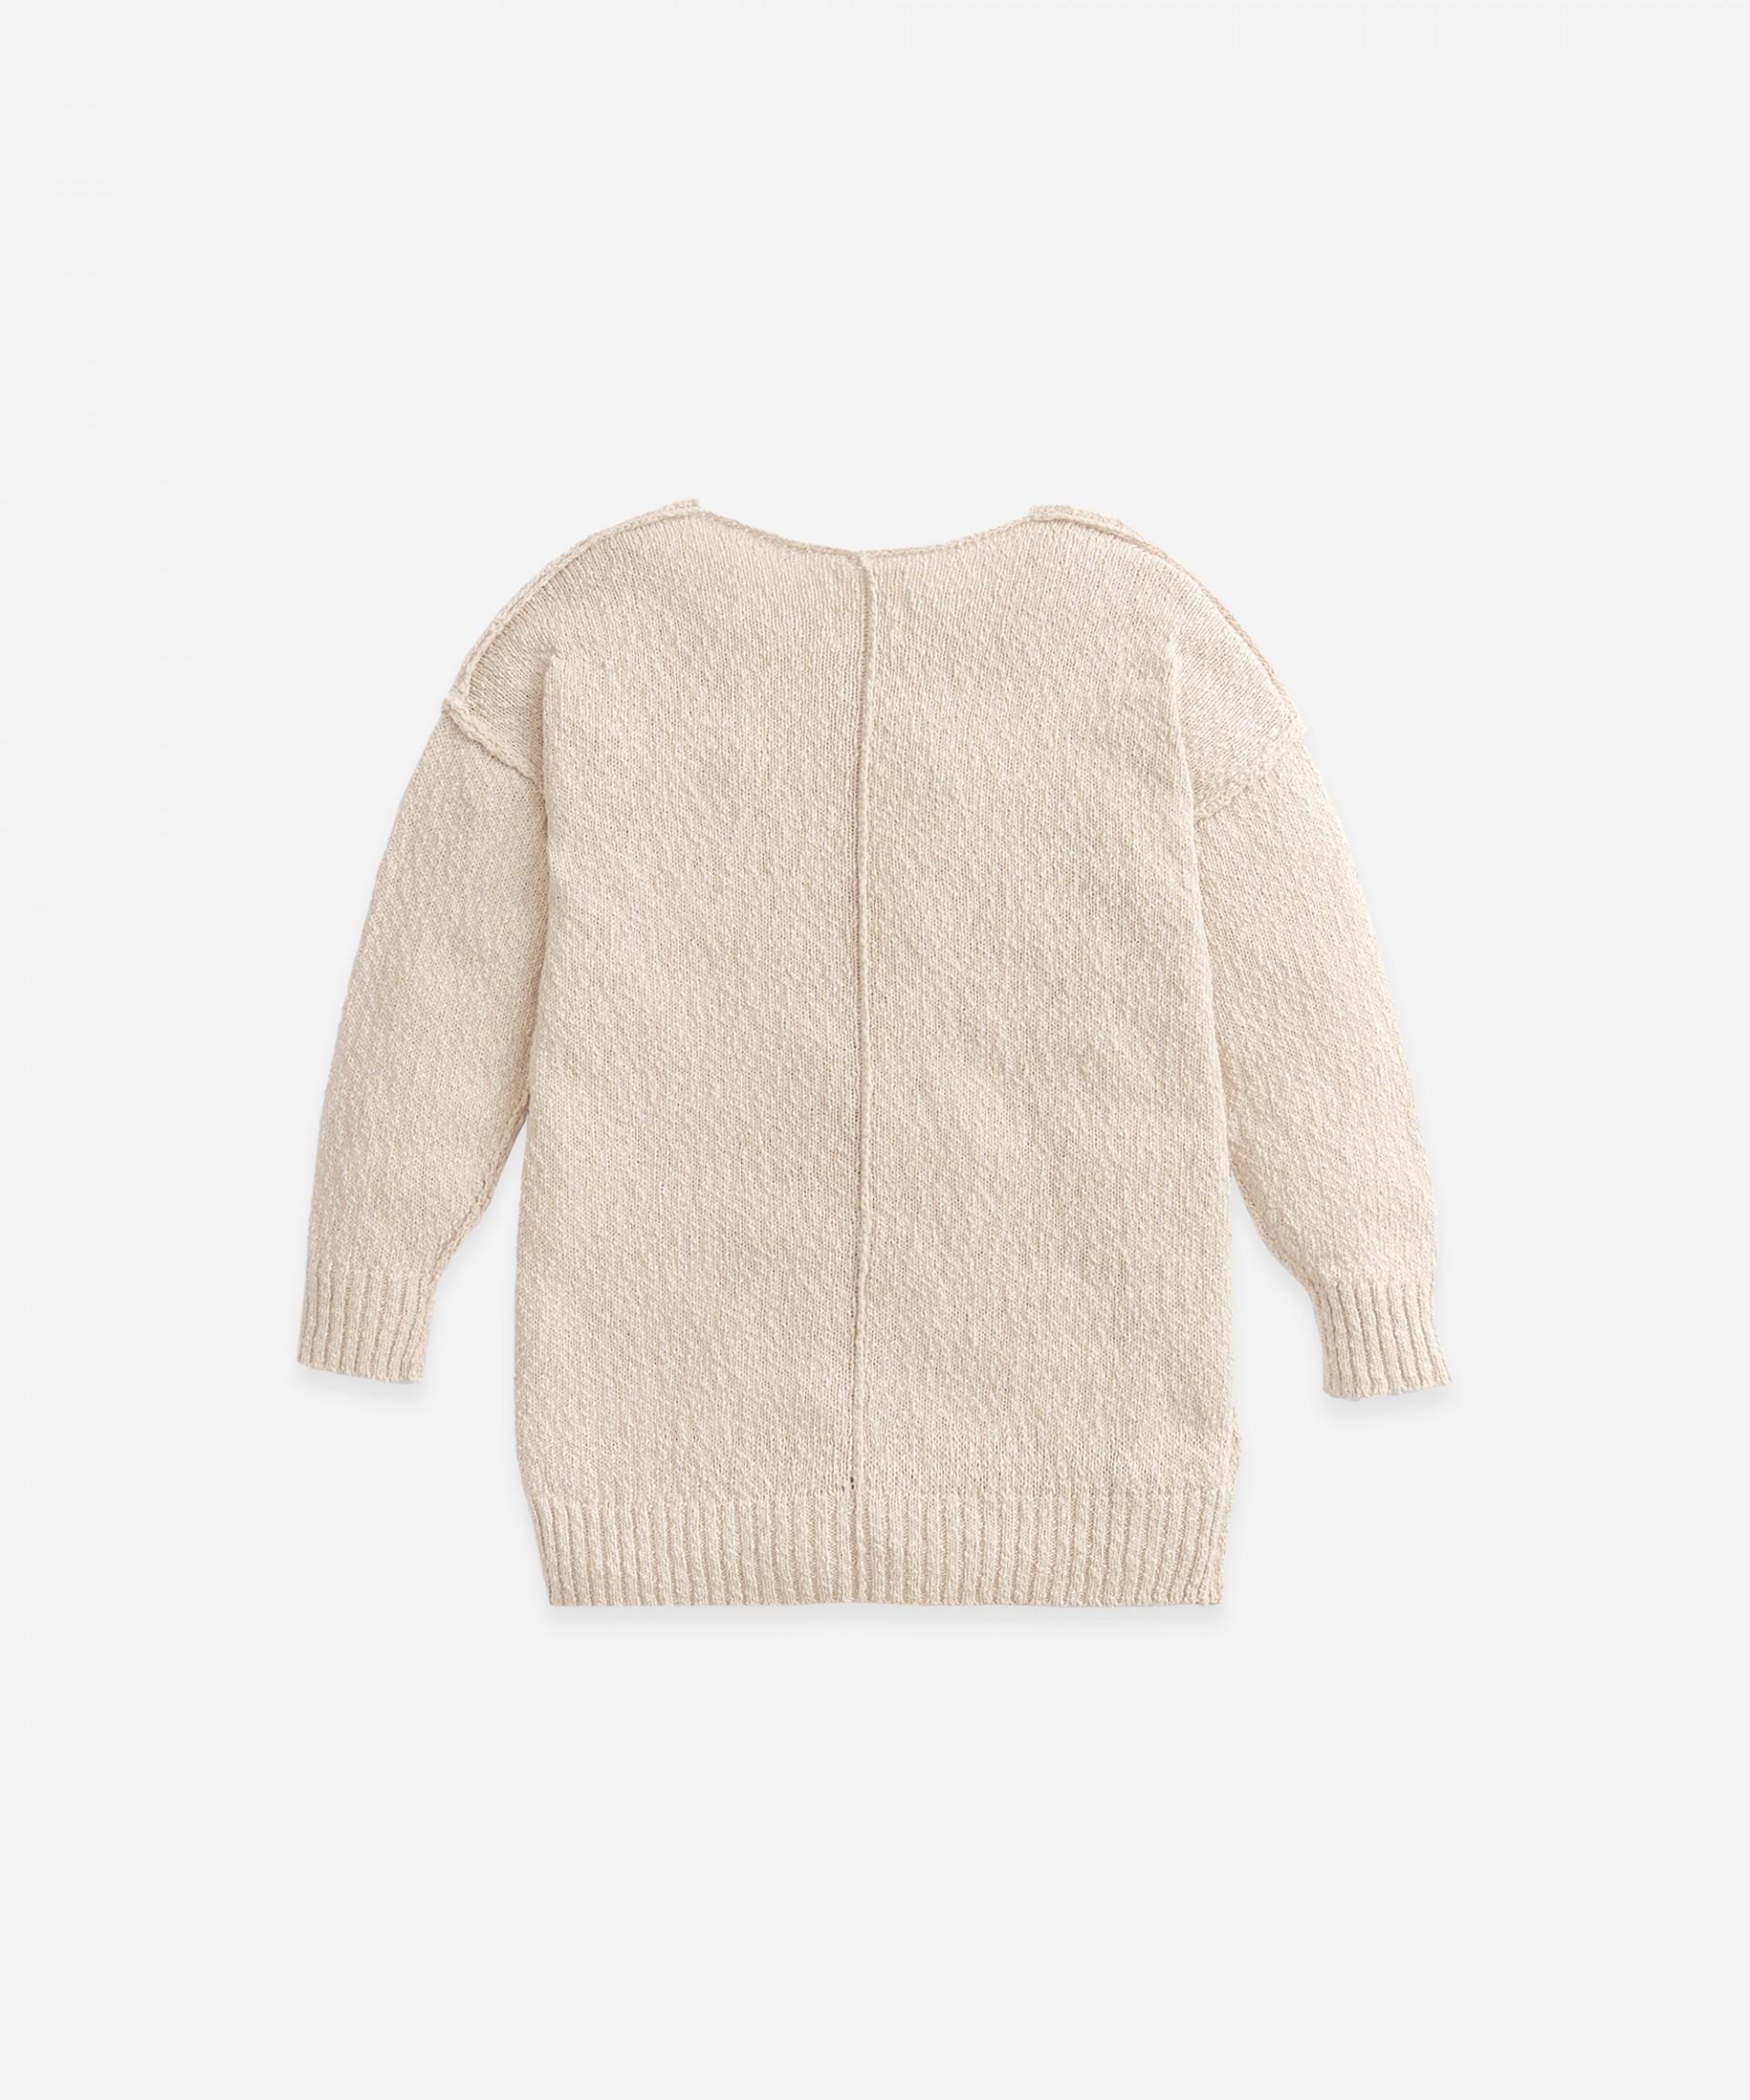 Casaco tricot com costuras do avesso | Botany